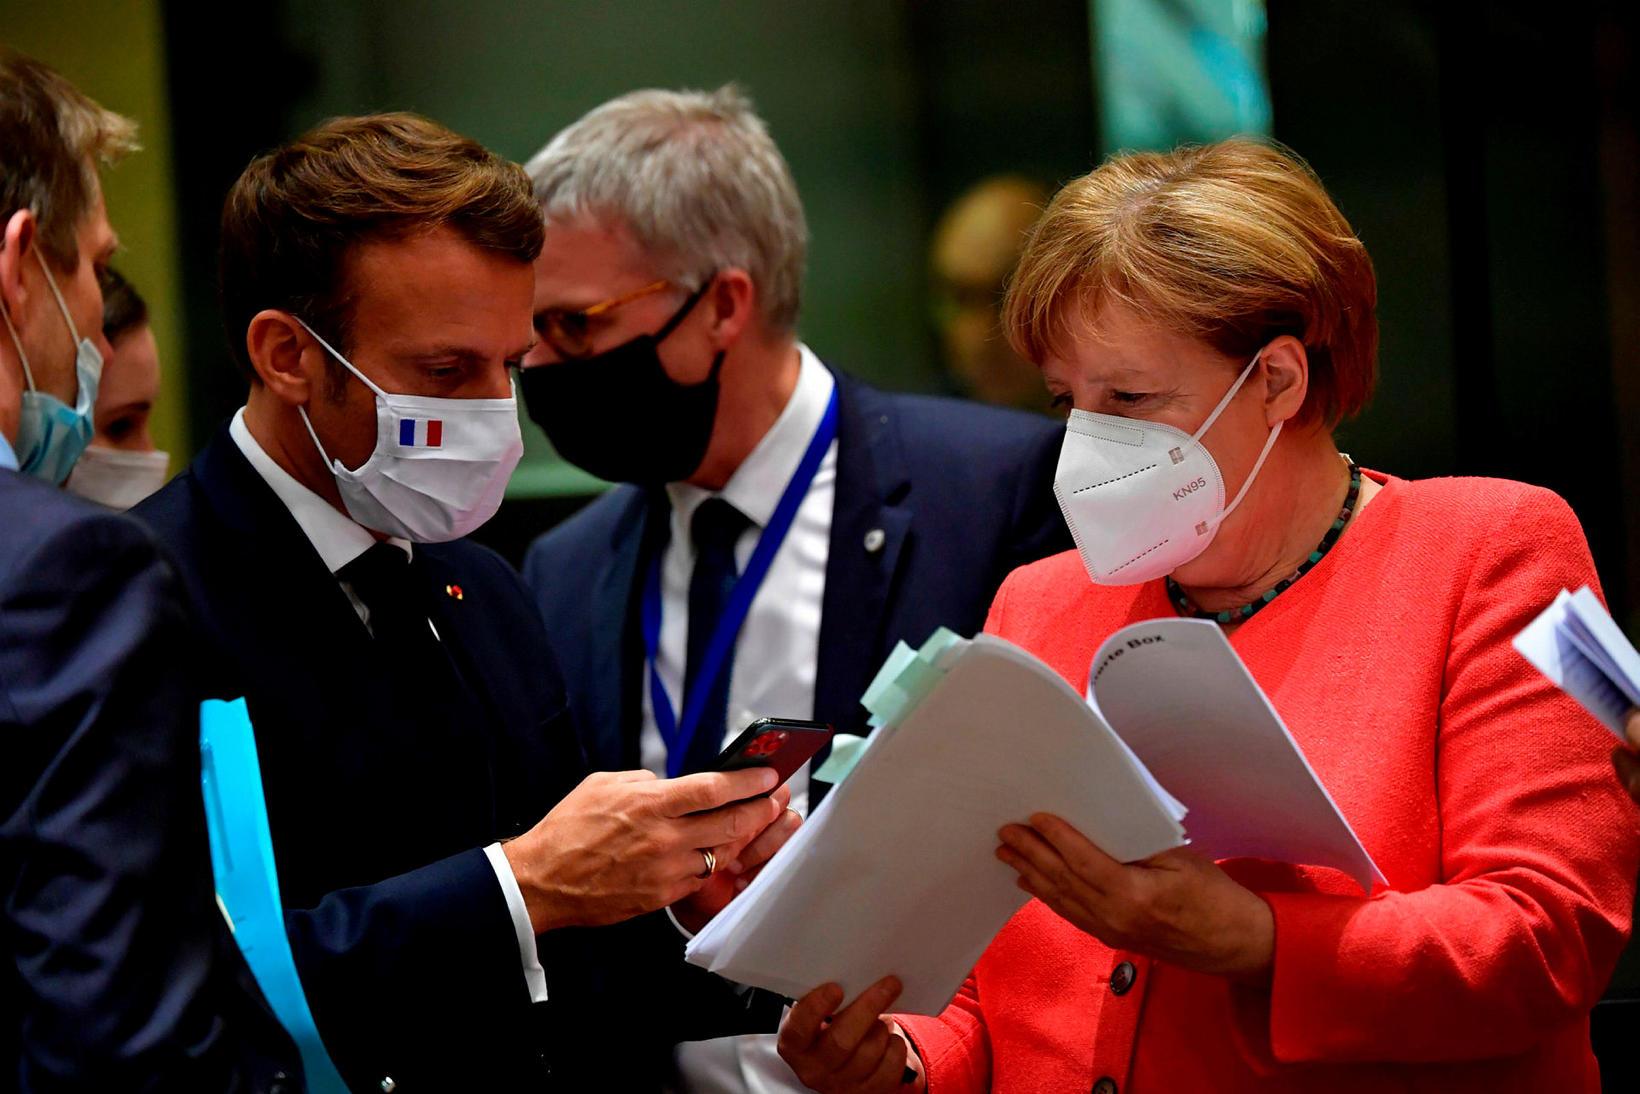 Emmanuel Macron Frakklandsforseti og Angela Merkel Þýskalandskanslari bera saman bækur.